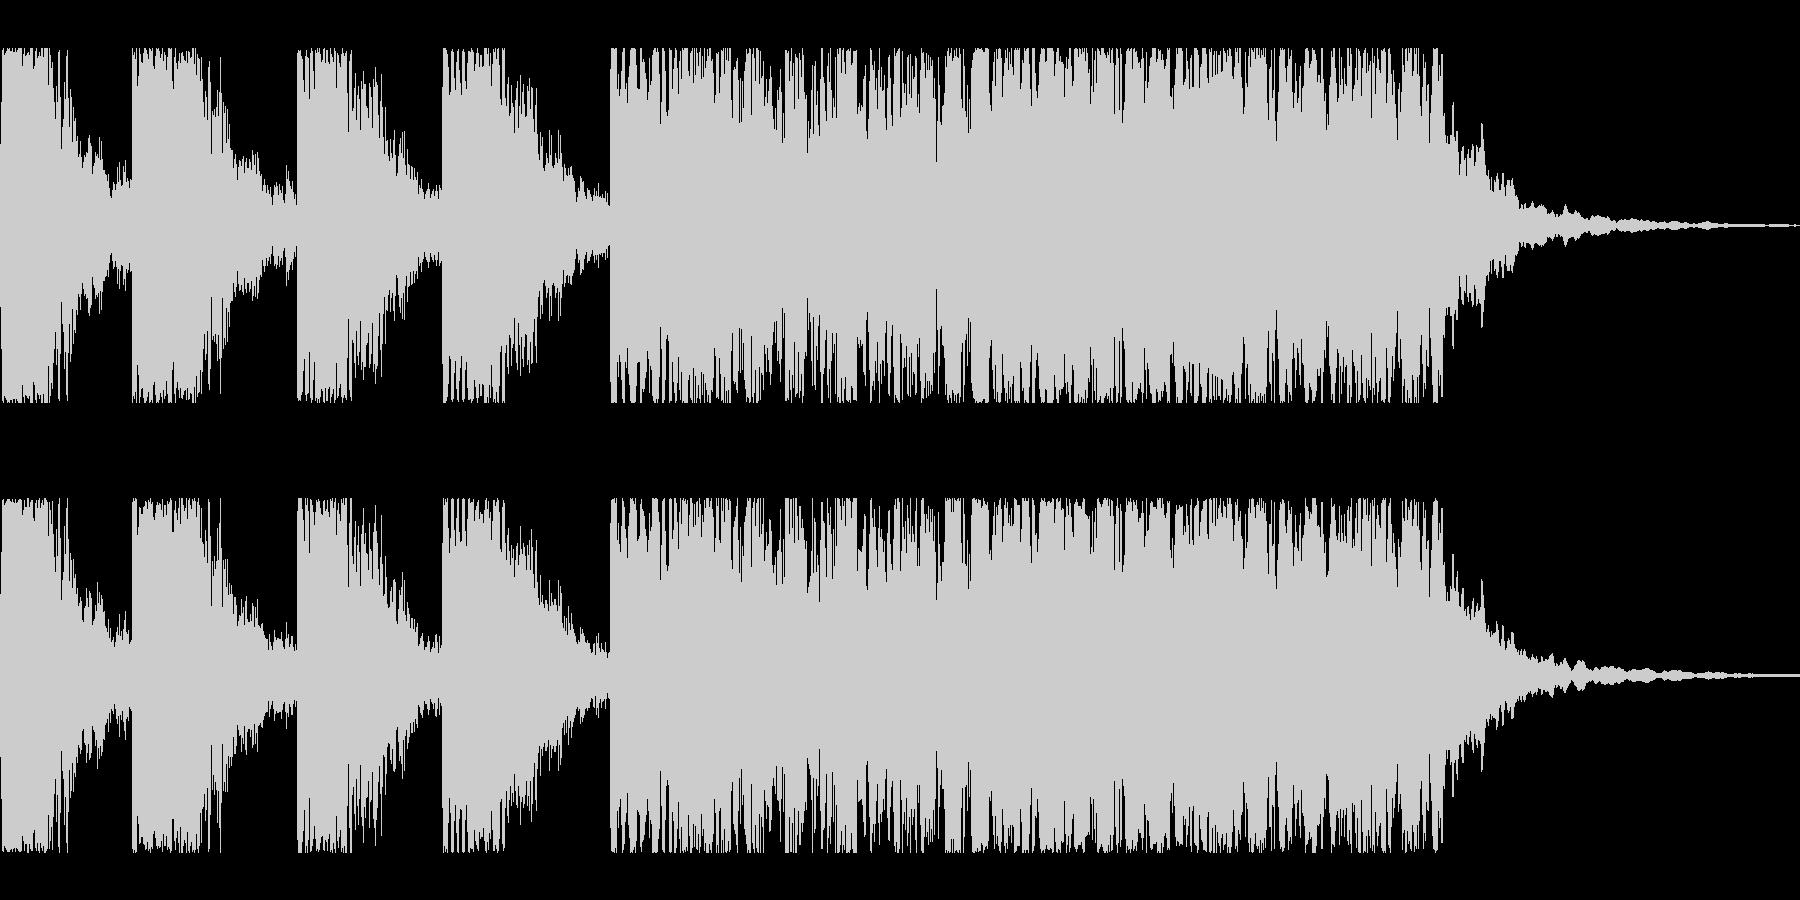 キラキラキラティティティ-ン(発見の音)の未再生の波形